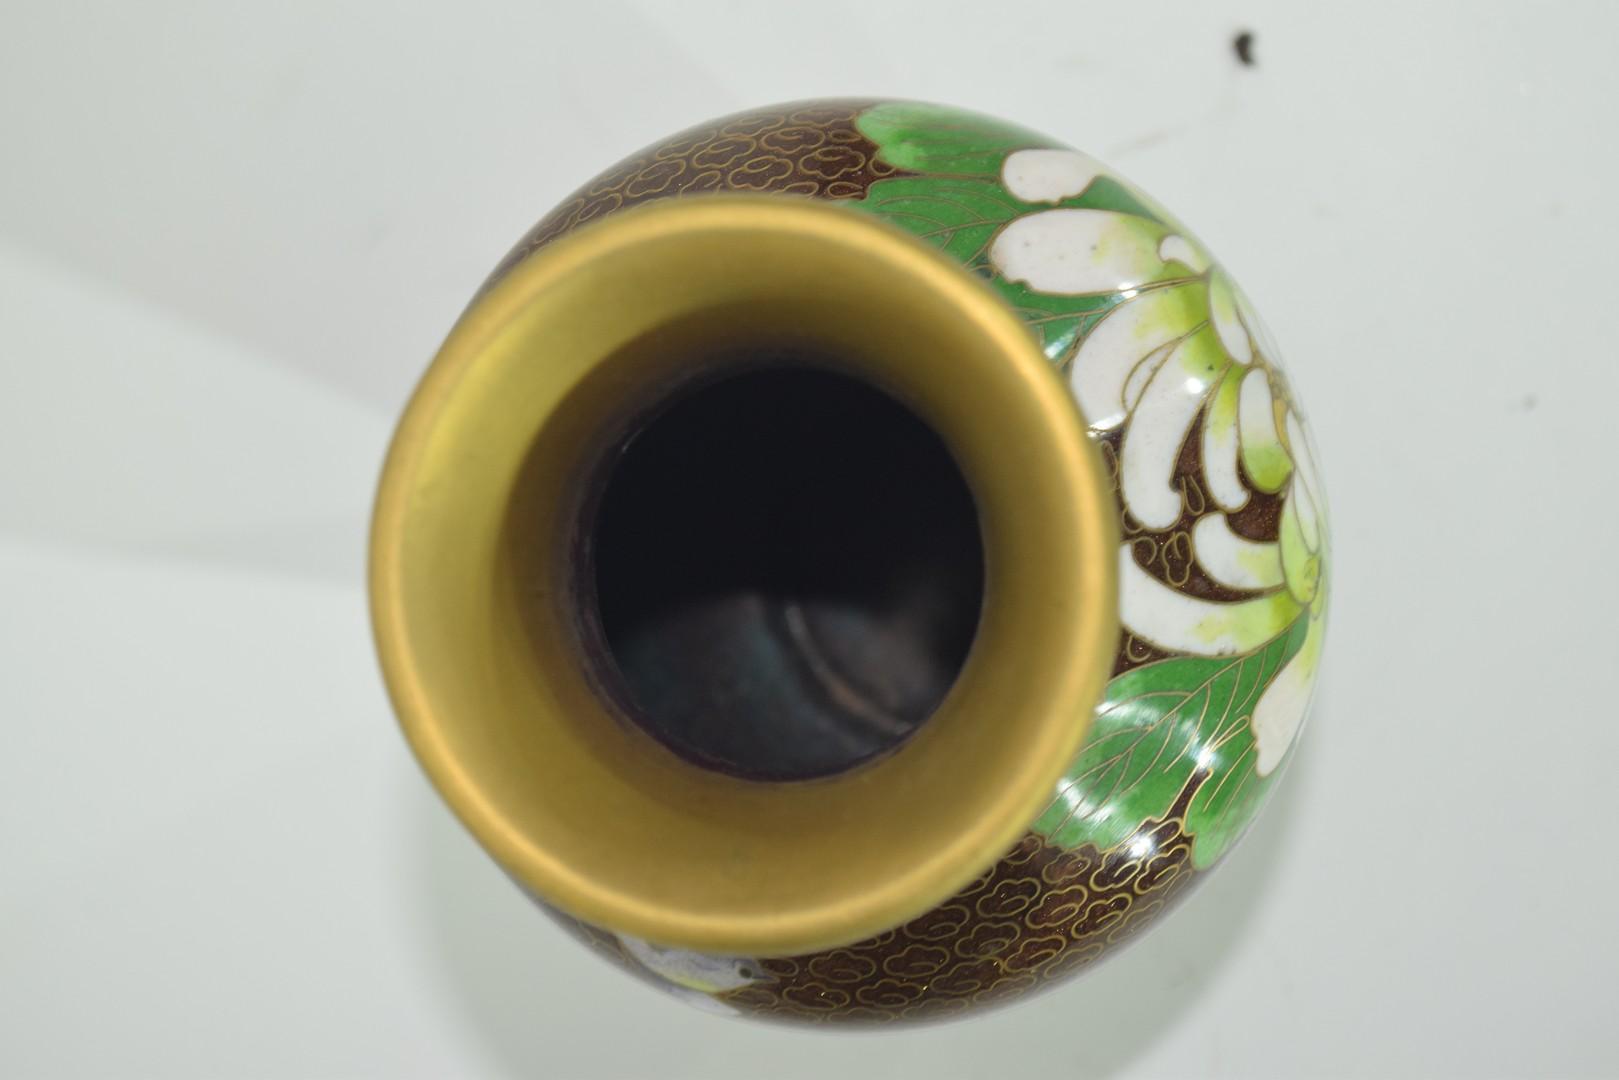 Cloisonne vase - Image 5 of 6